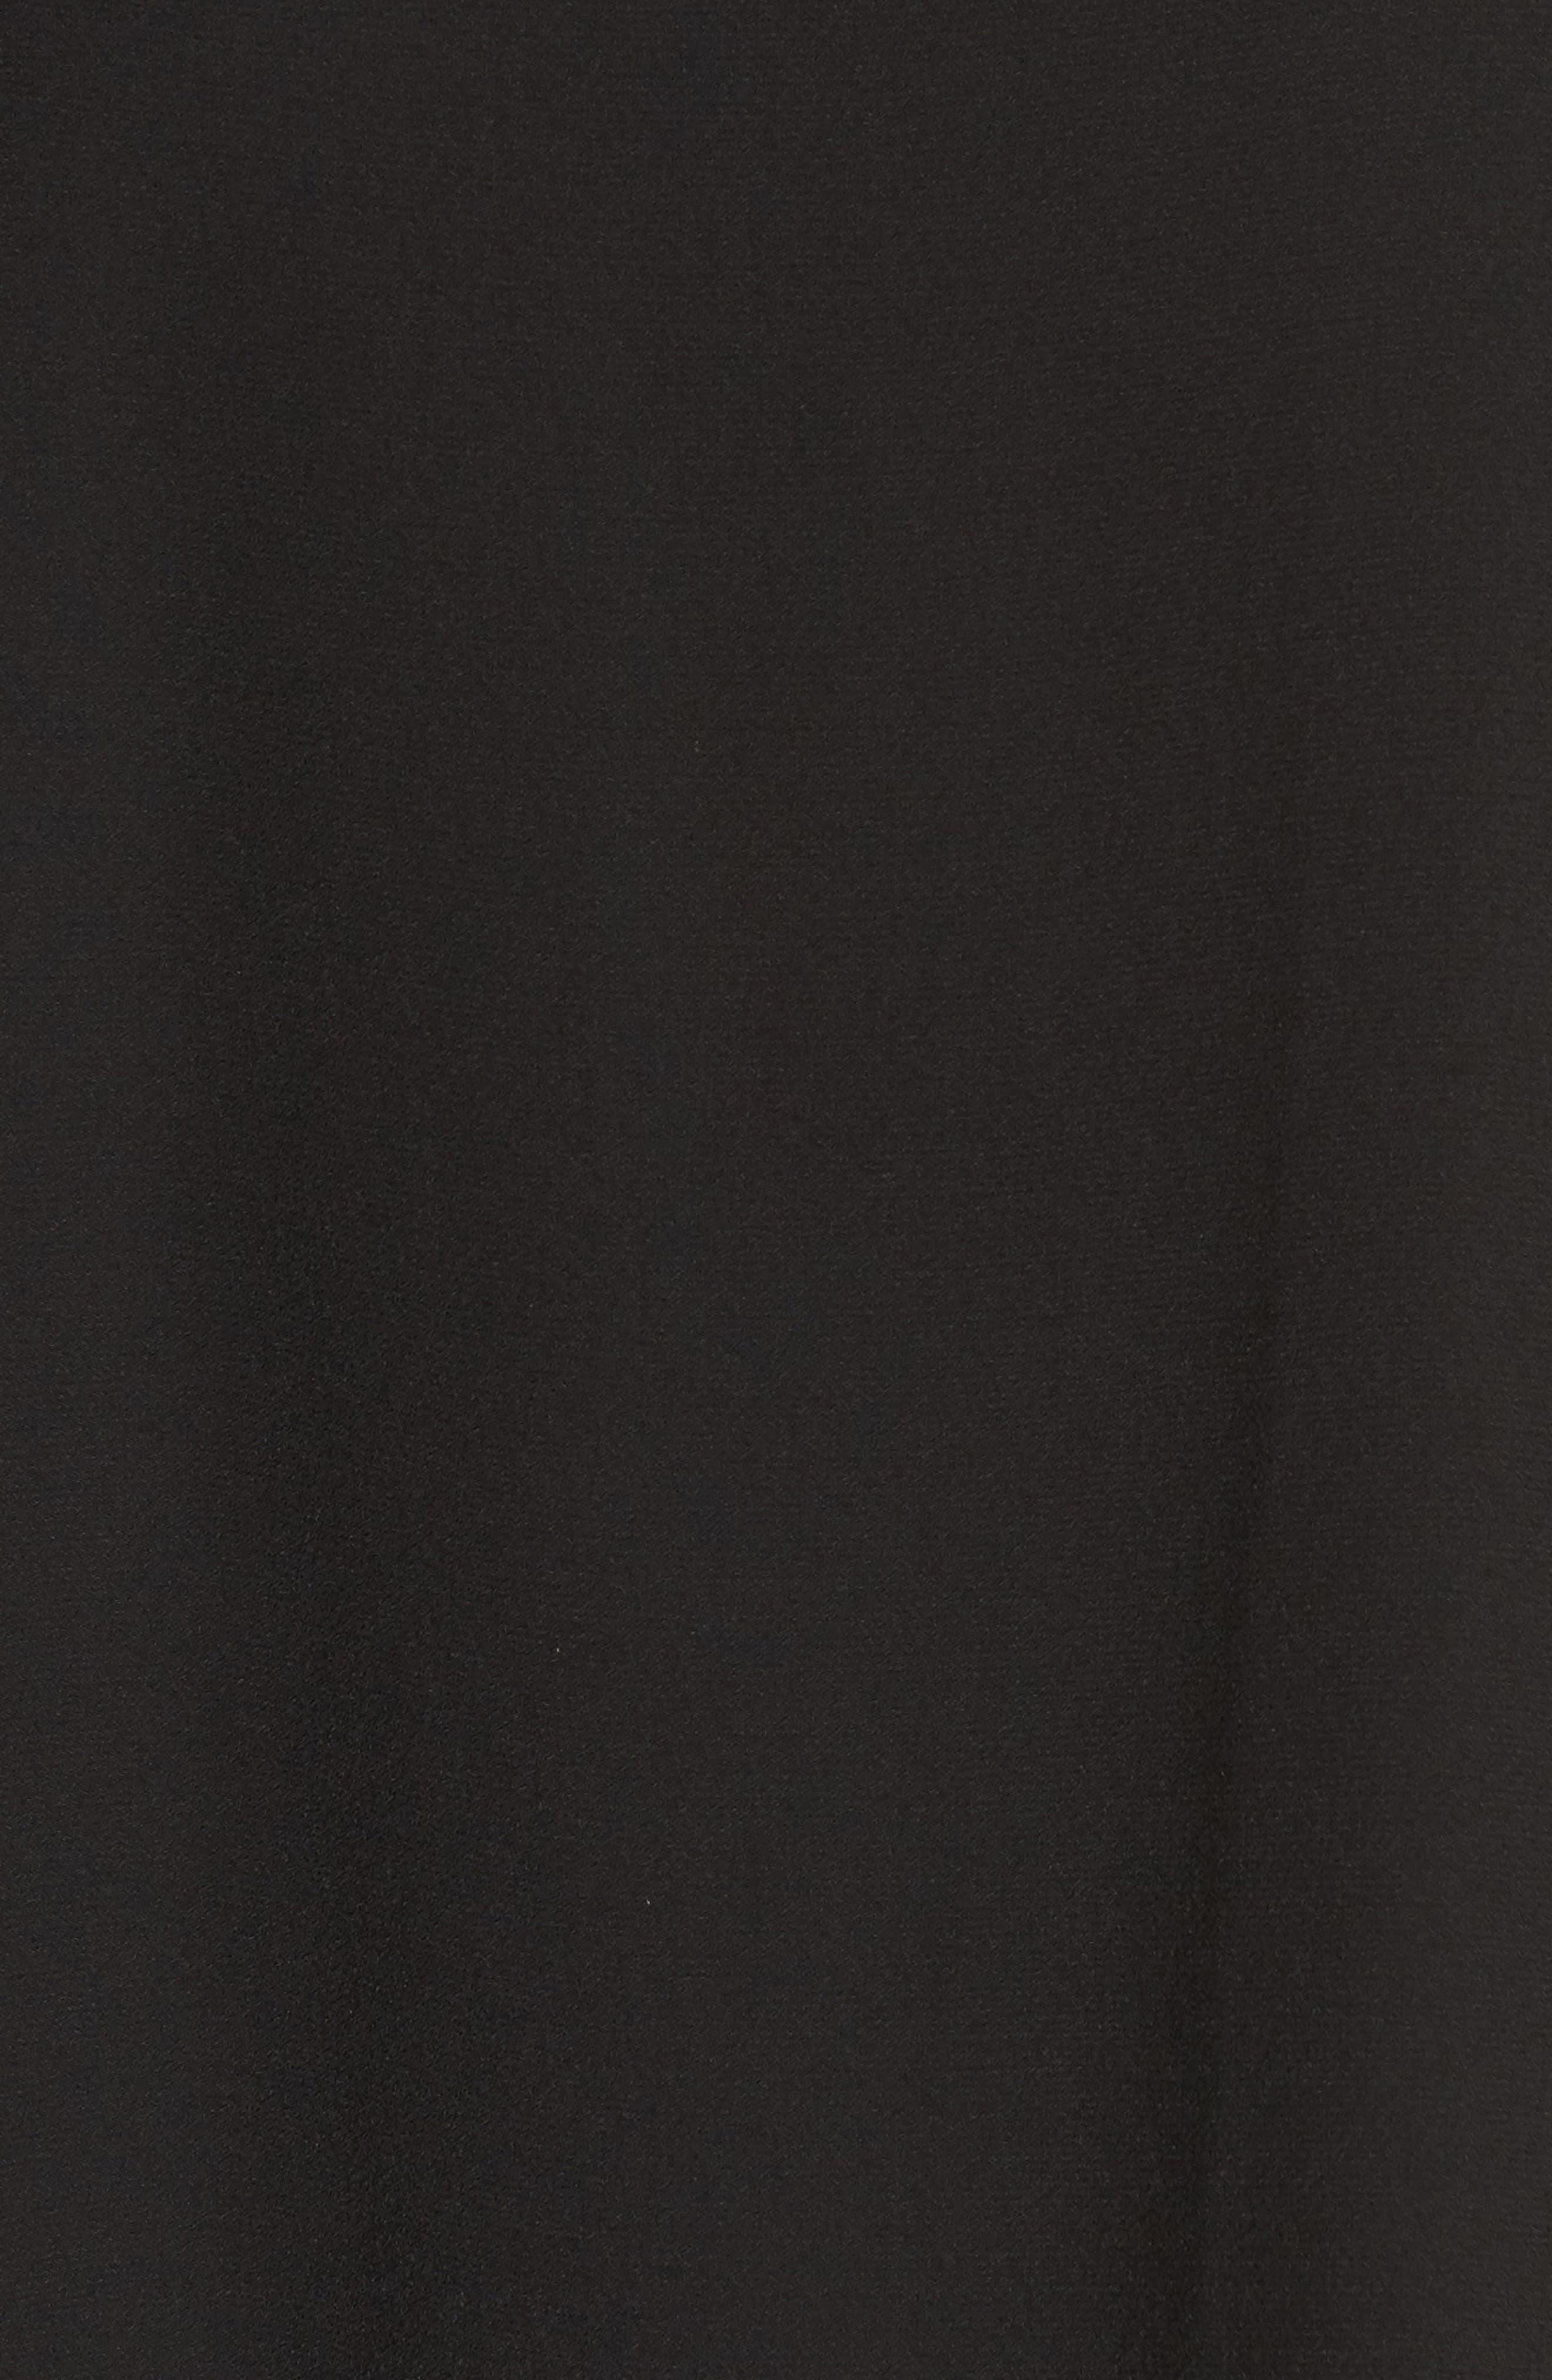 Cold Shoulder Swing Dress,                             Alternate thumbnail 6, color,                             001